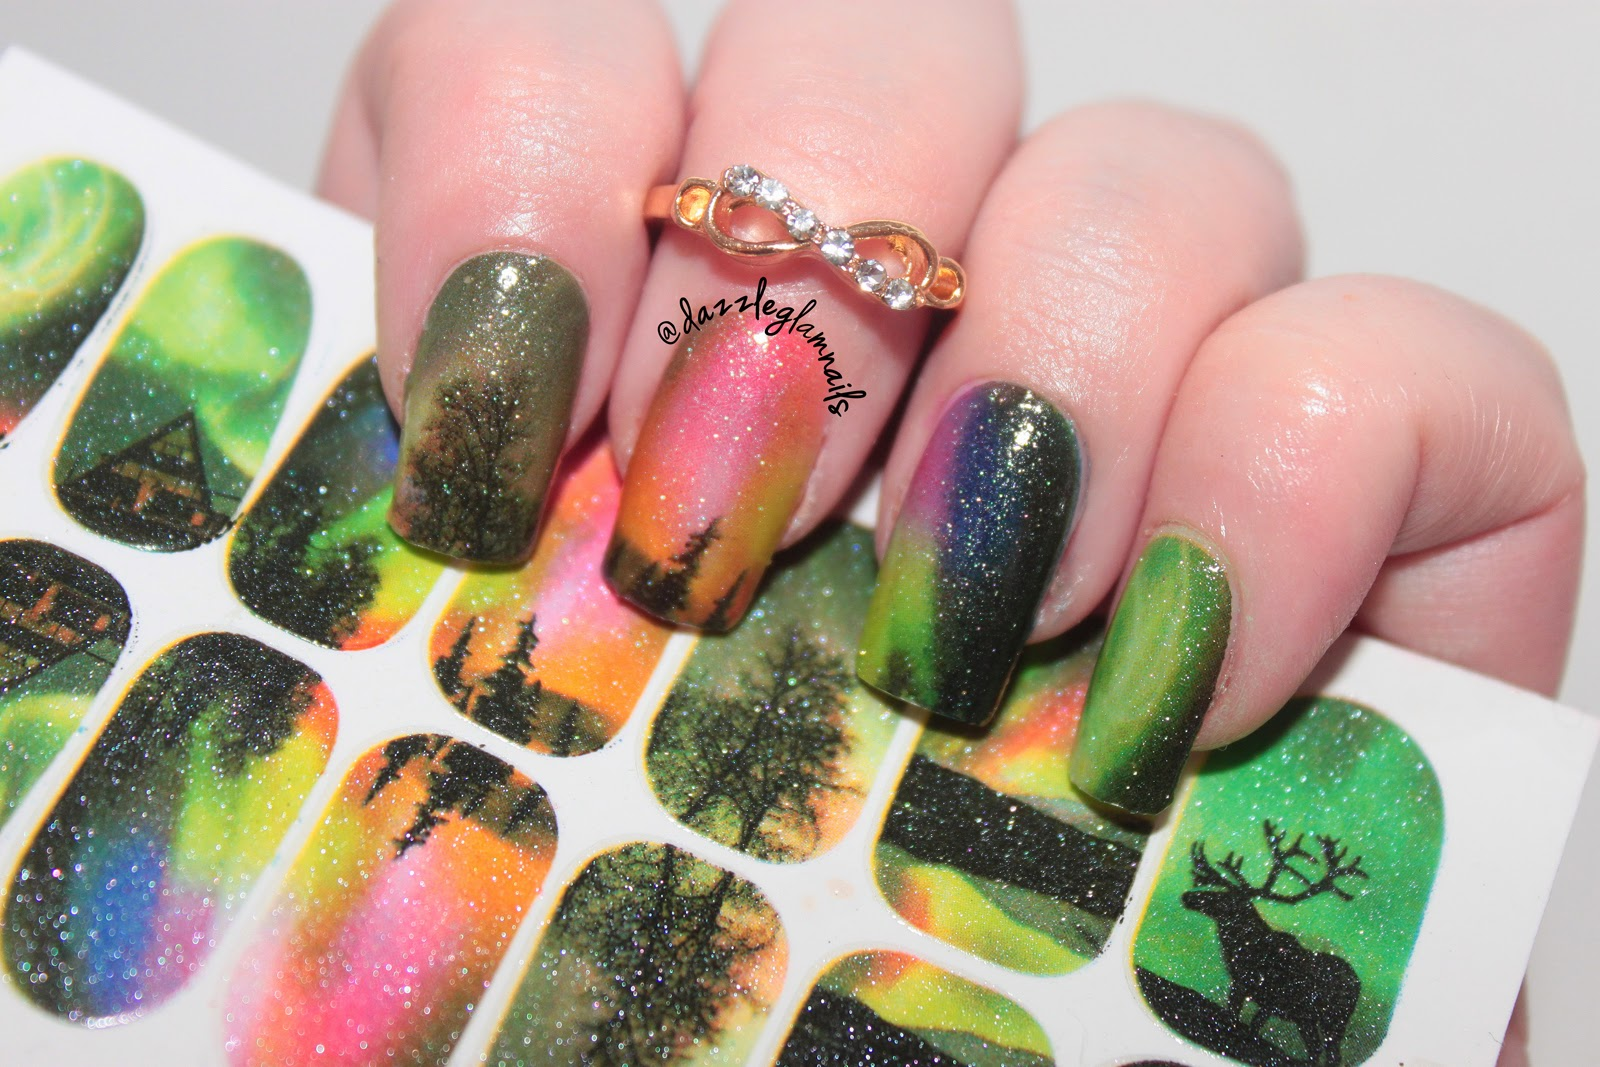 Dazzle Glam Nails   Nail Art Blog: Northern Lights Nail Art Tutorial